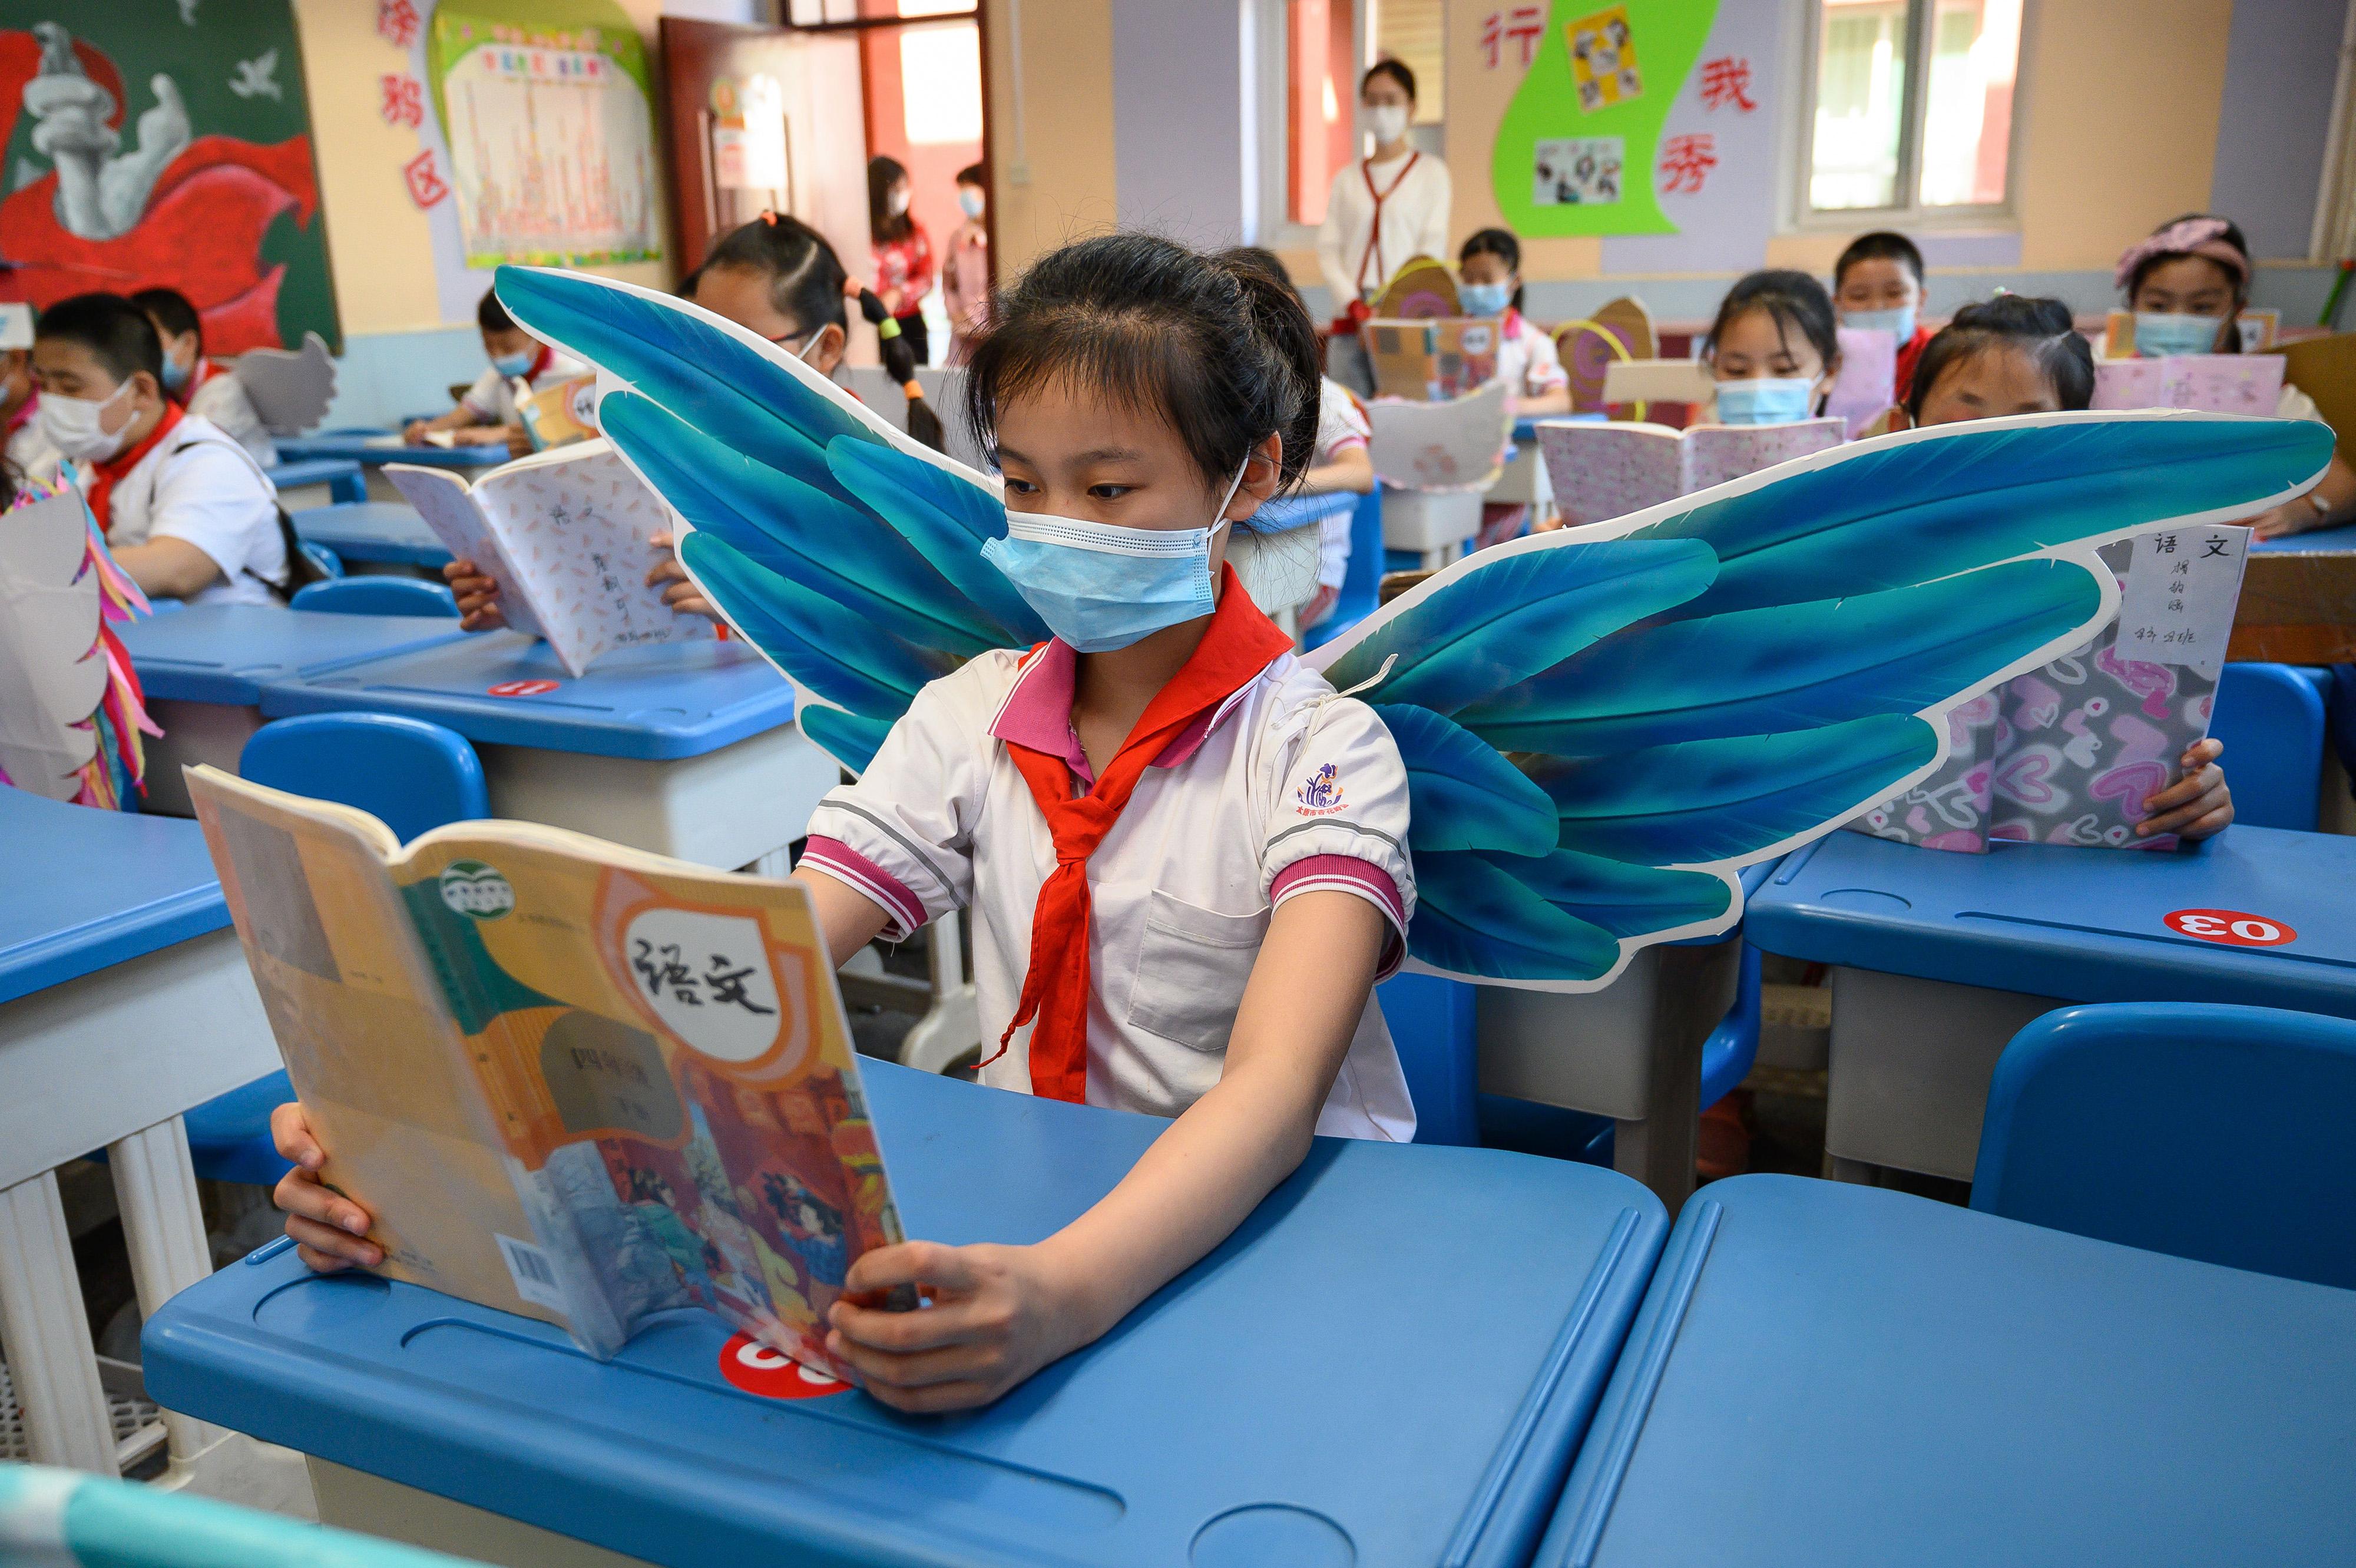 Szárnyakkal biztosítják a távolságot egy kínai iskolában